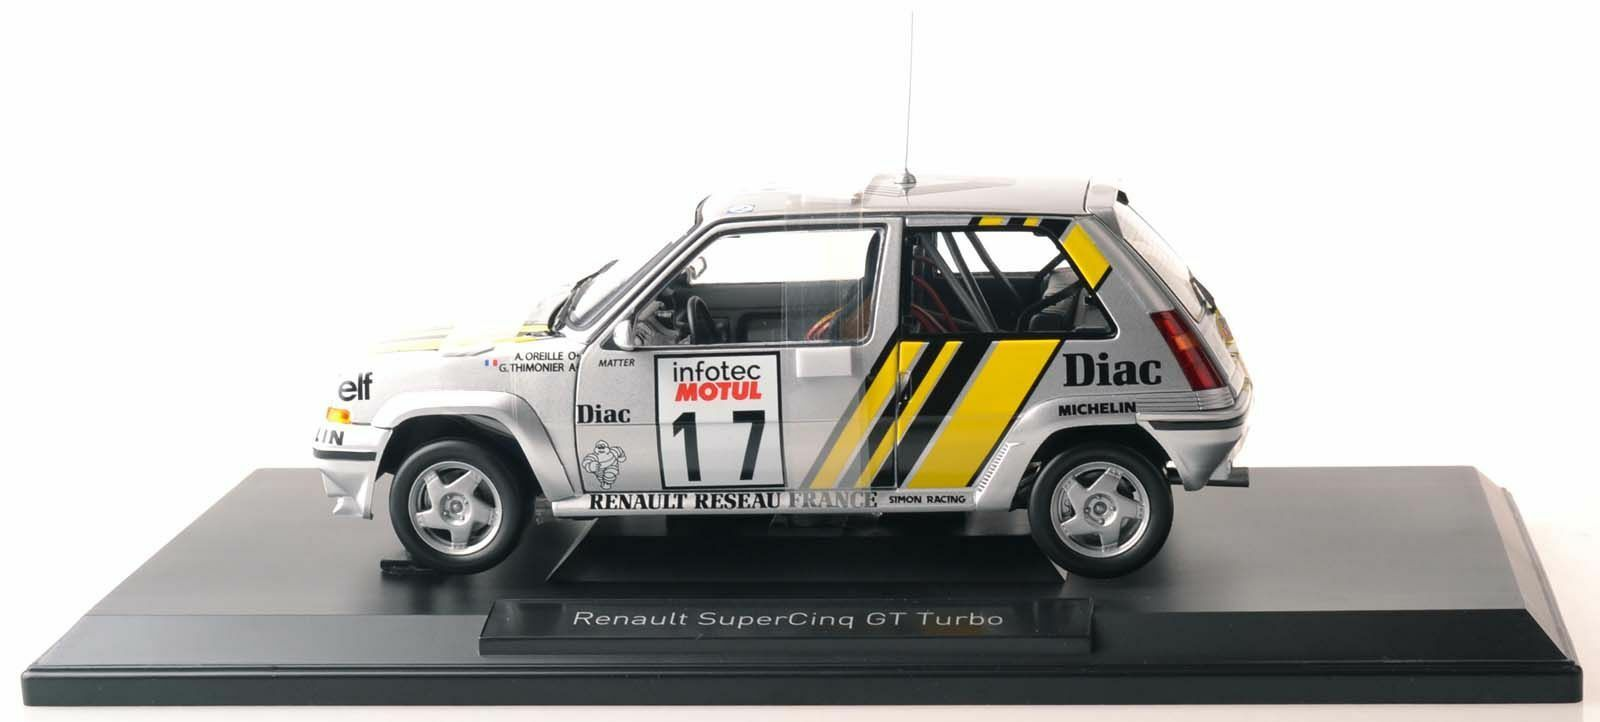 NOREV 185215 PEUGEOT Supercinq GT Turbo Tour de Corse 1989 1 18 Nouveau Neuf dans sa boîte